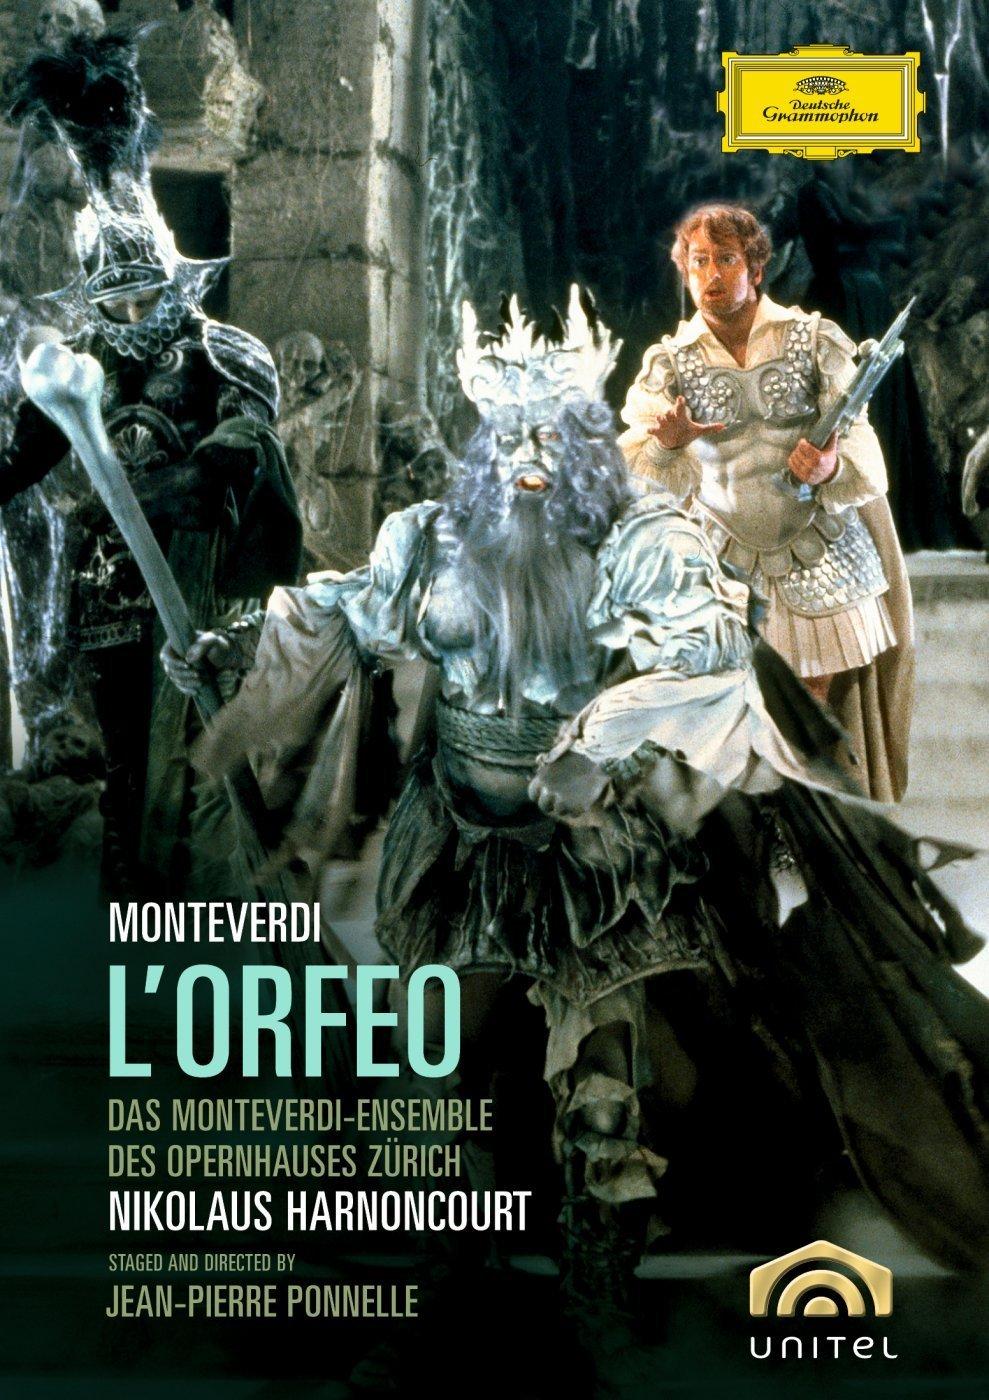 DVD : Nikolaus Harnoncourt - L'orfeo (Subtitled)